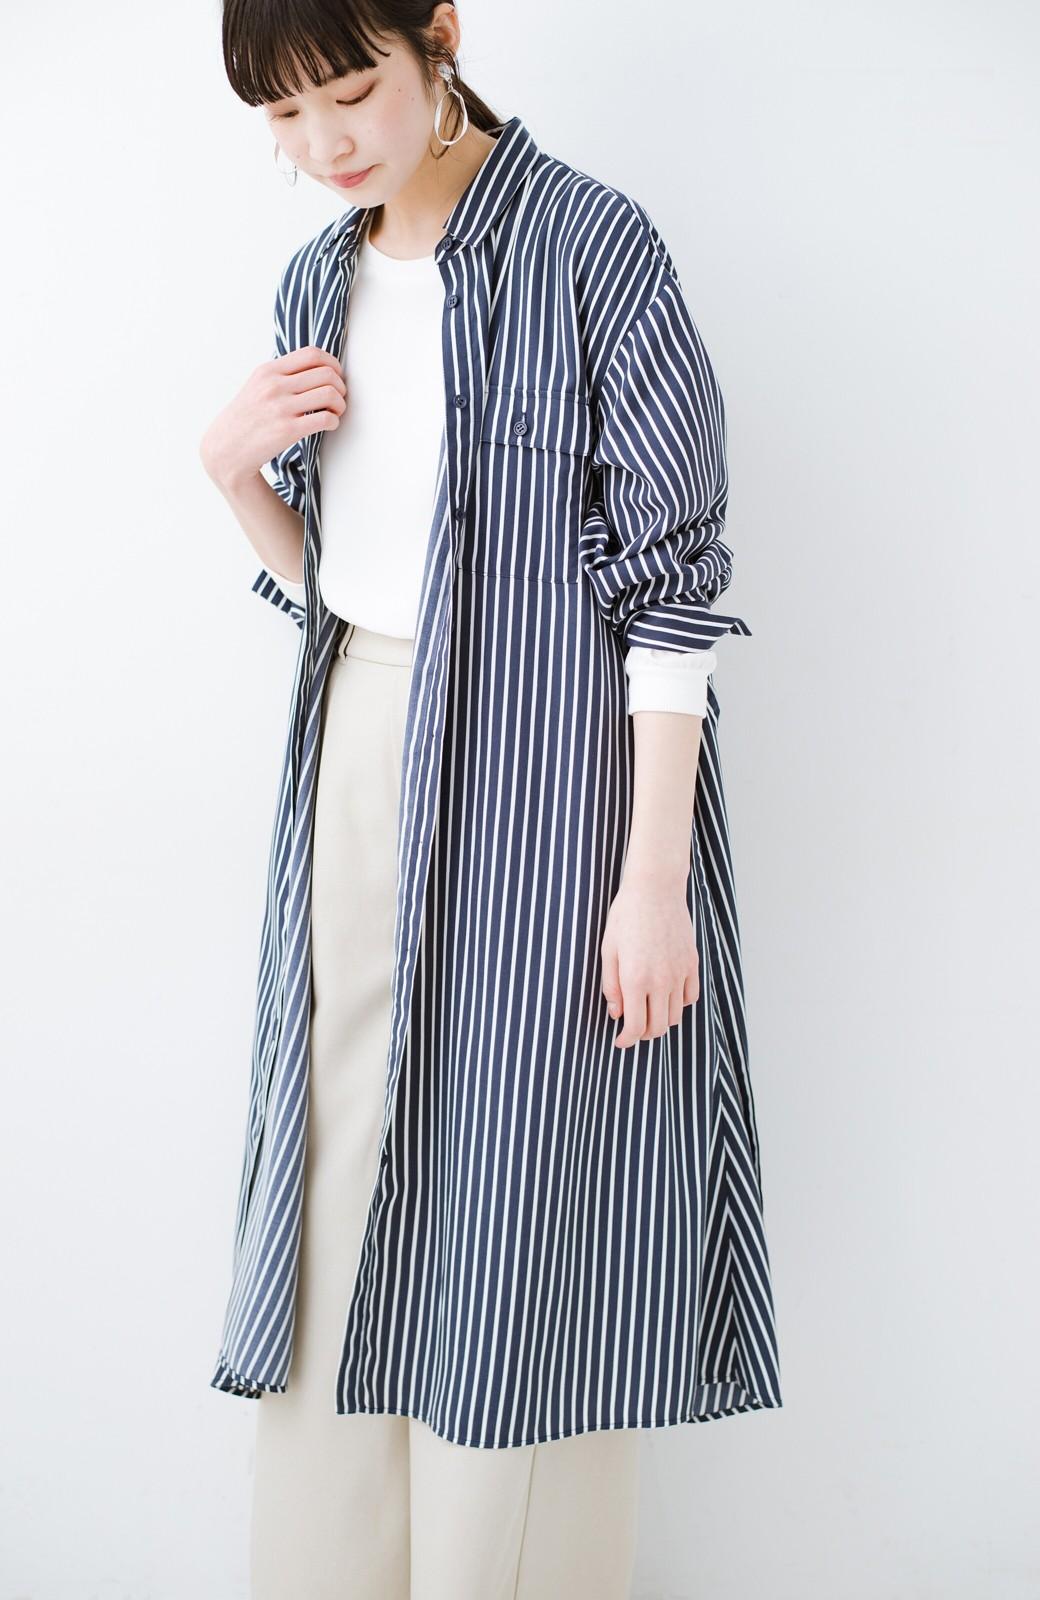 haco! 長ーーい季節着られる! 単品づかいはもちろん重ね着も楽しいシャツワンピース  <ネイビー>の商品写真12